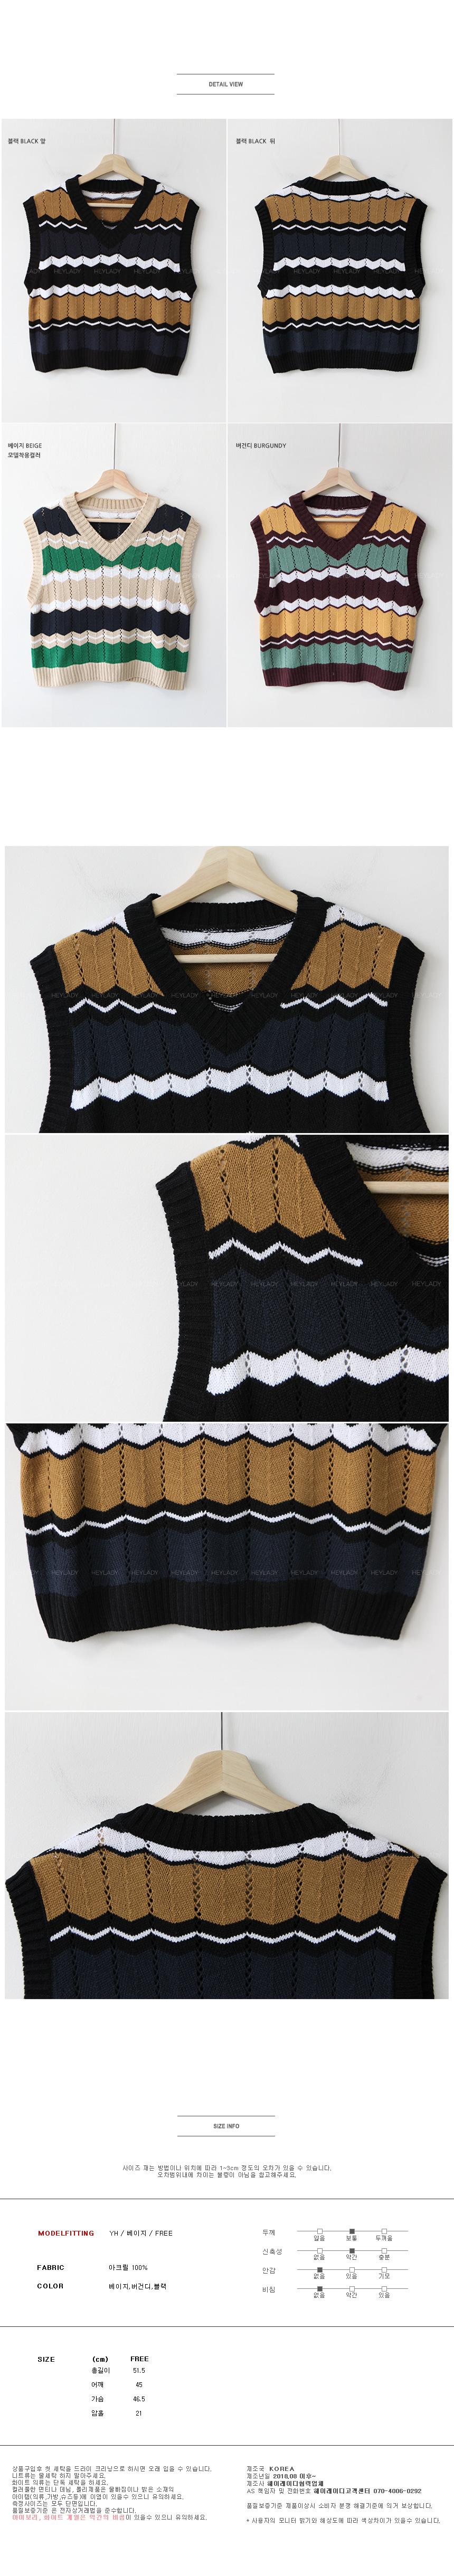 Dublin knitted vest